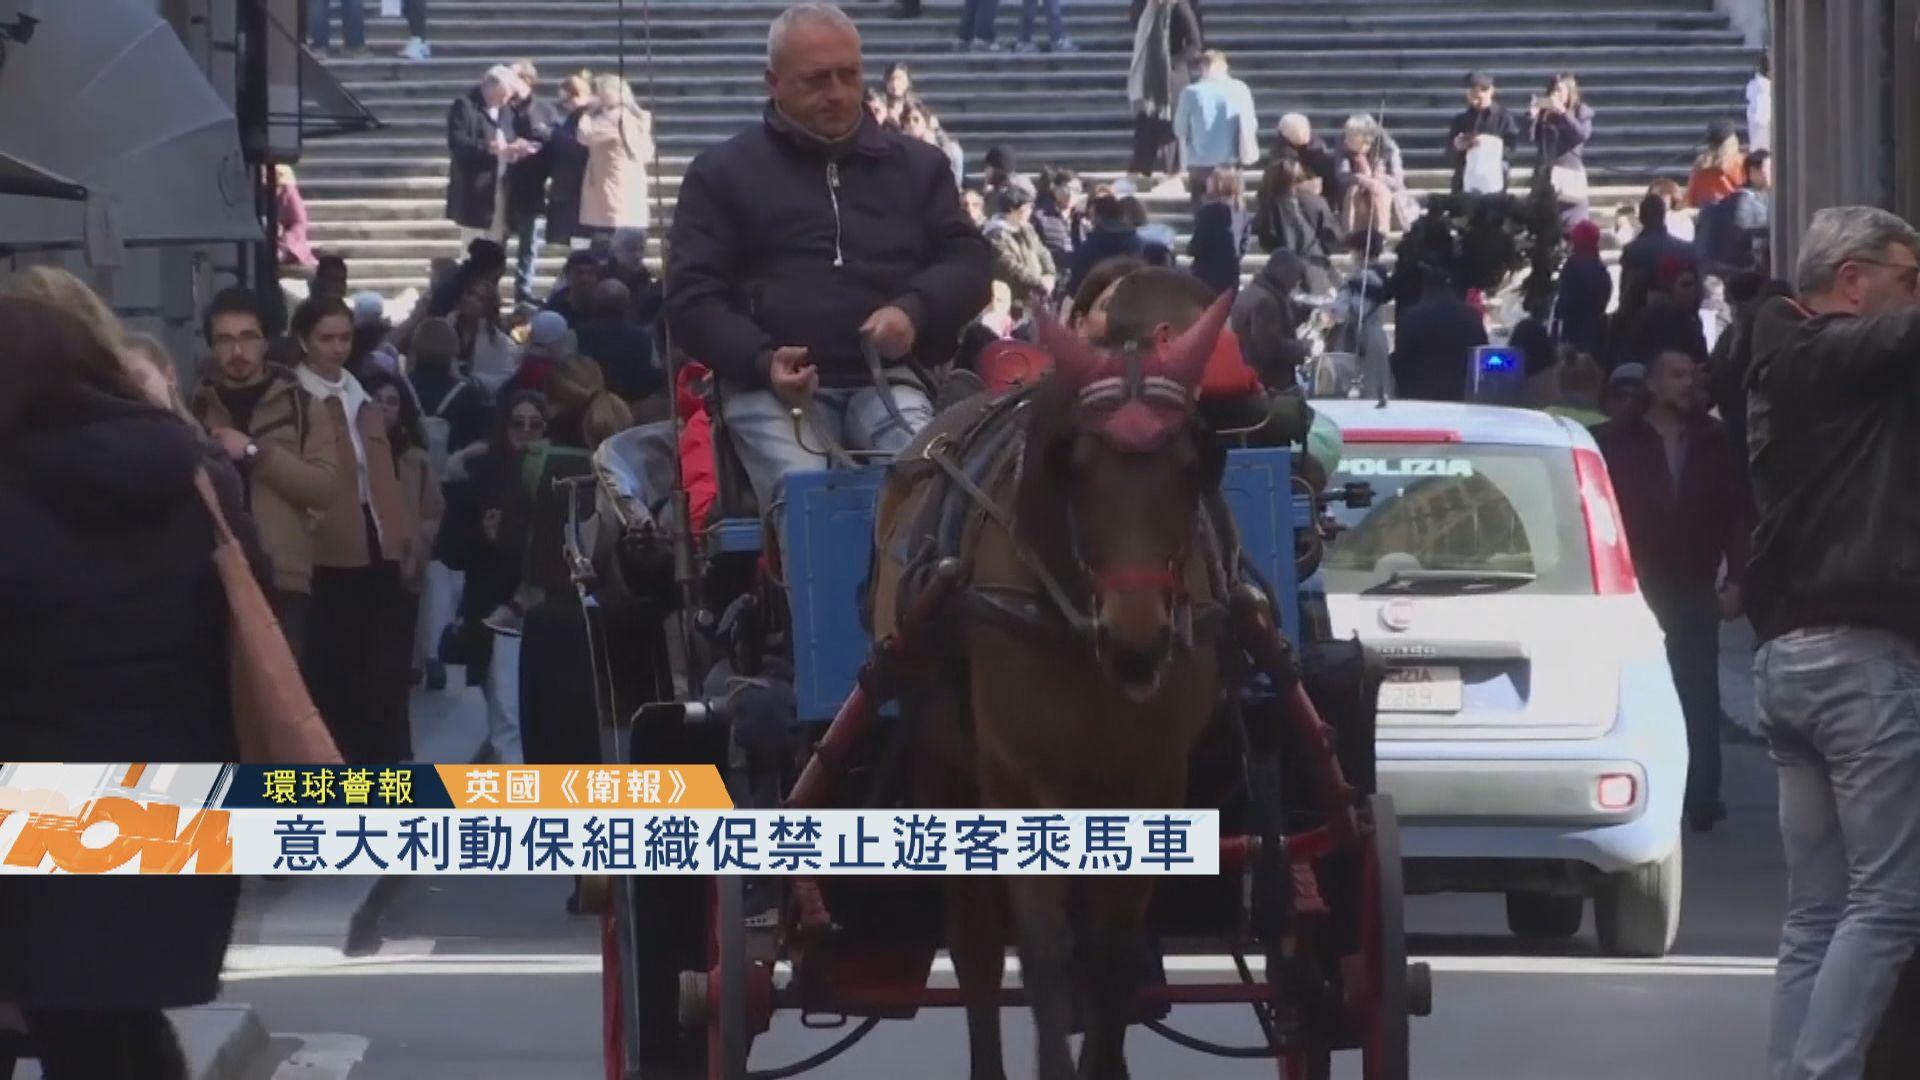 【環球薈報】意大利動保組織促禁遊客乘馬車